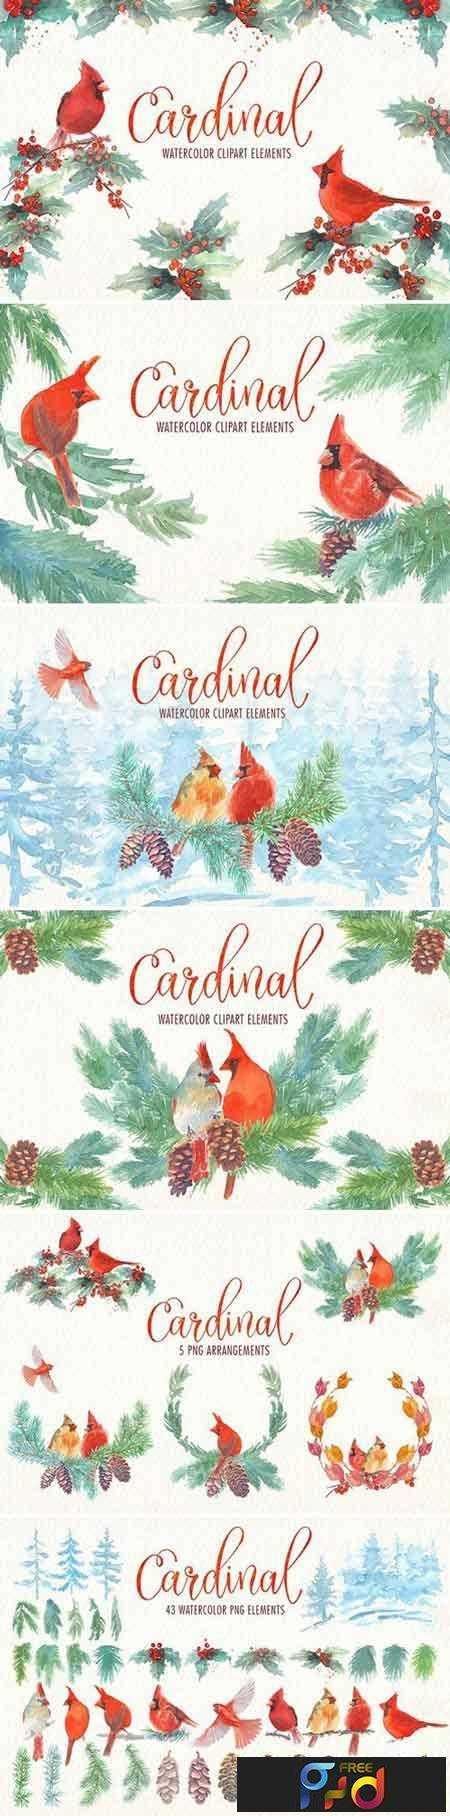 1706247 Cardinal bird watercolor clipart set 1870858 1